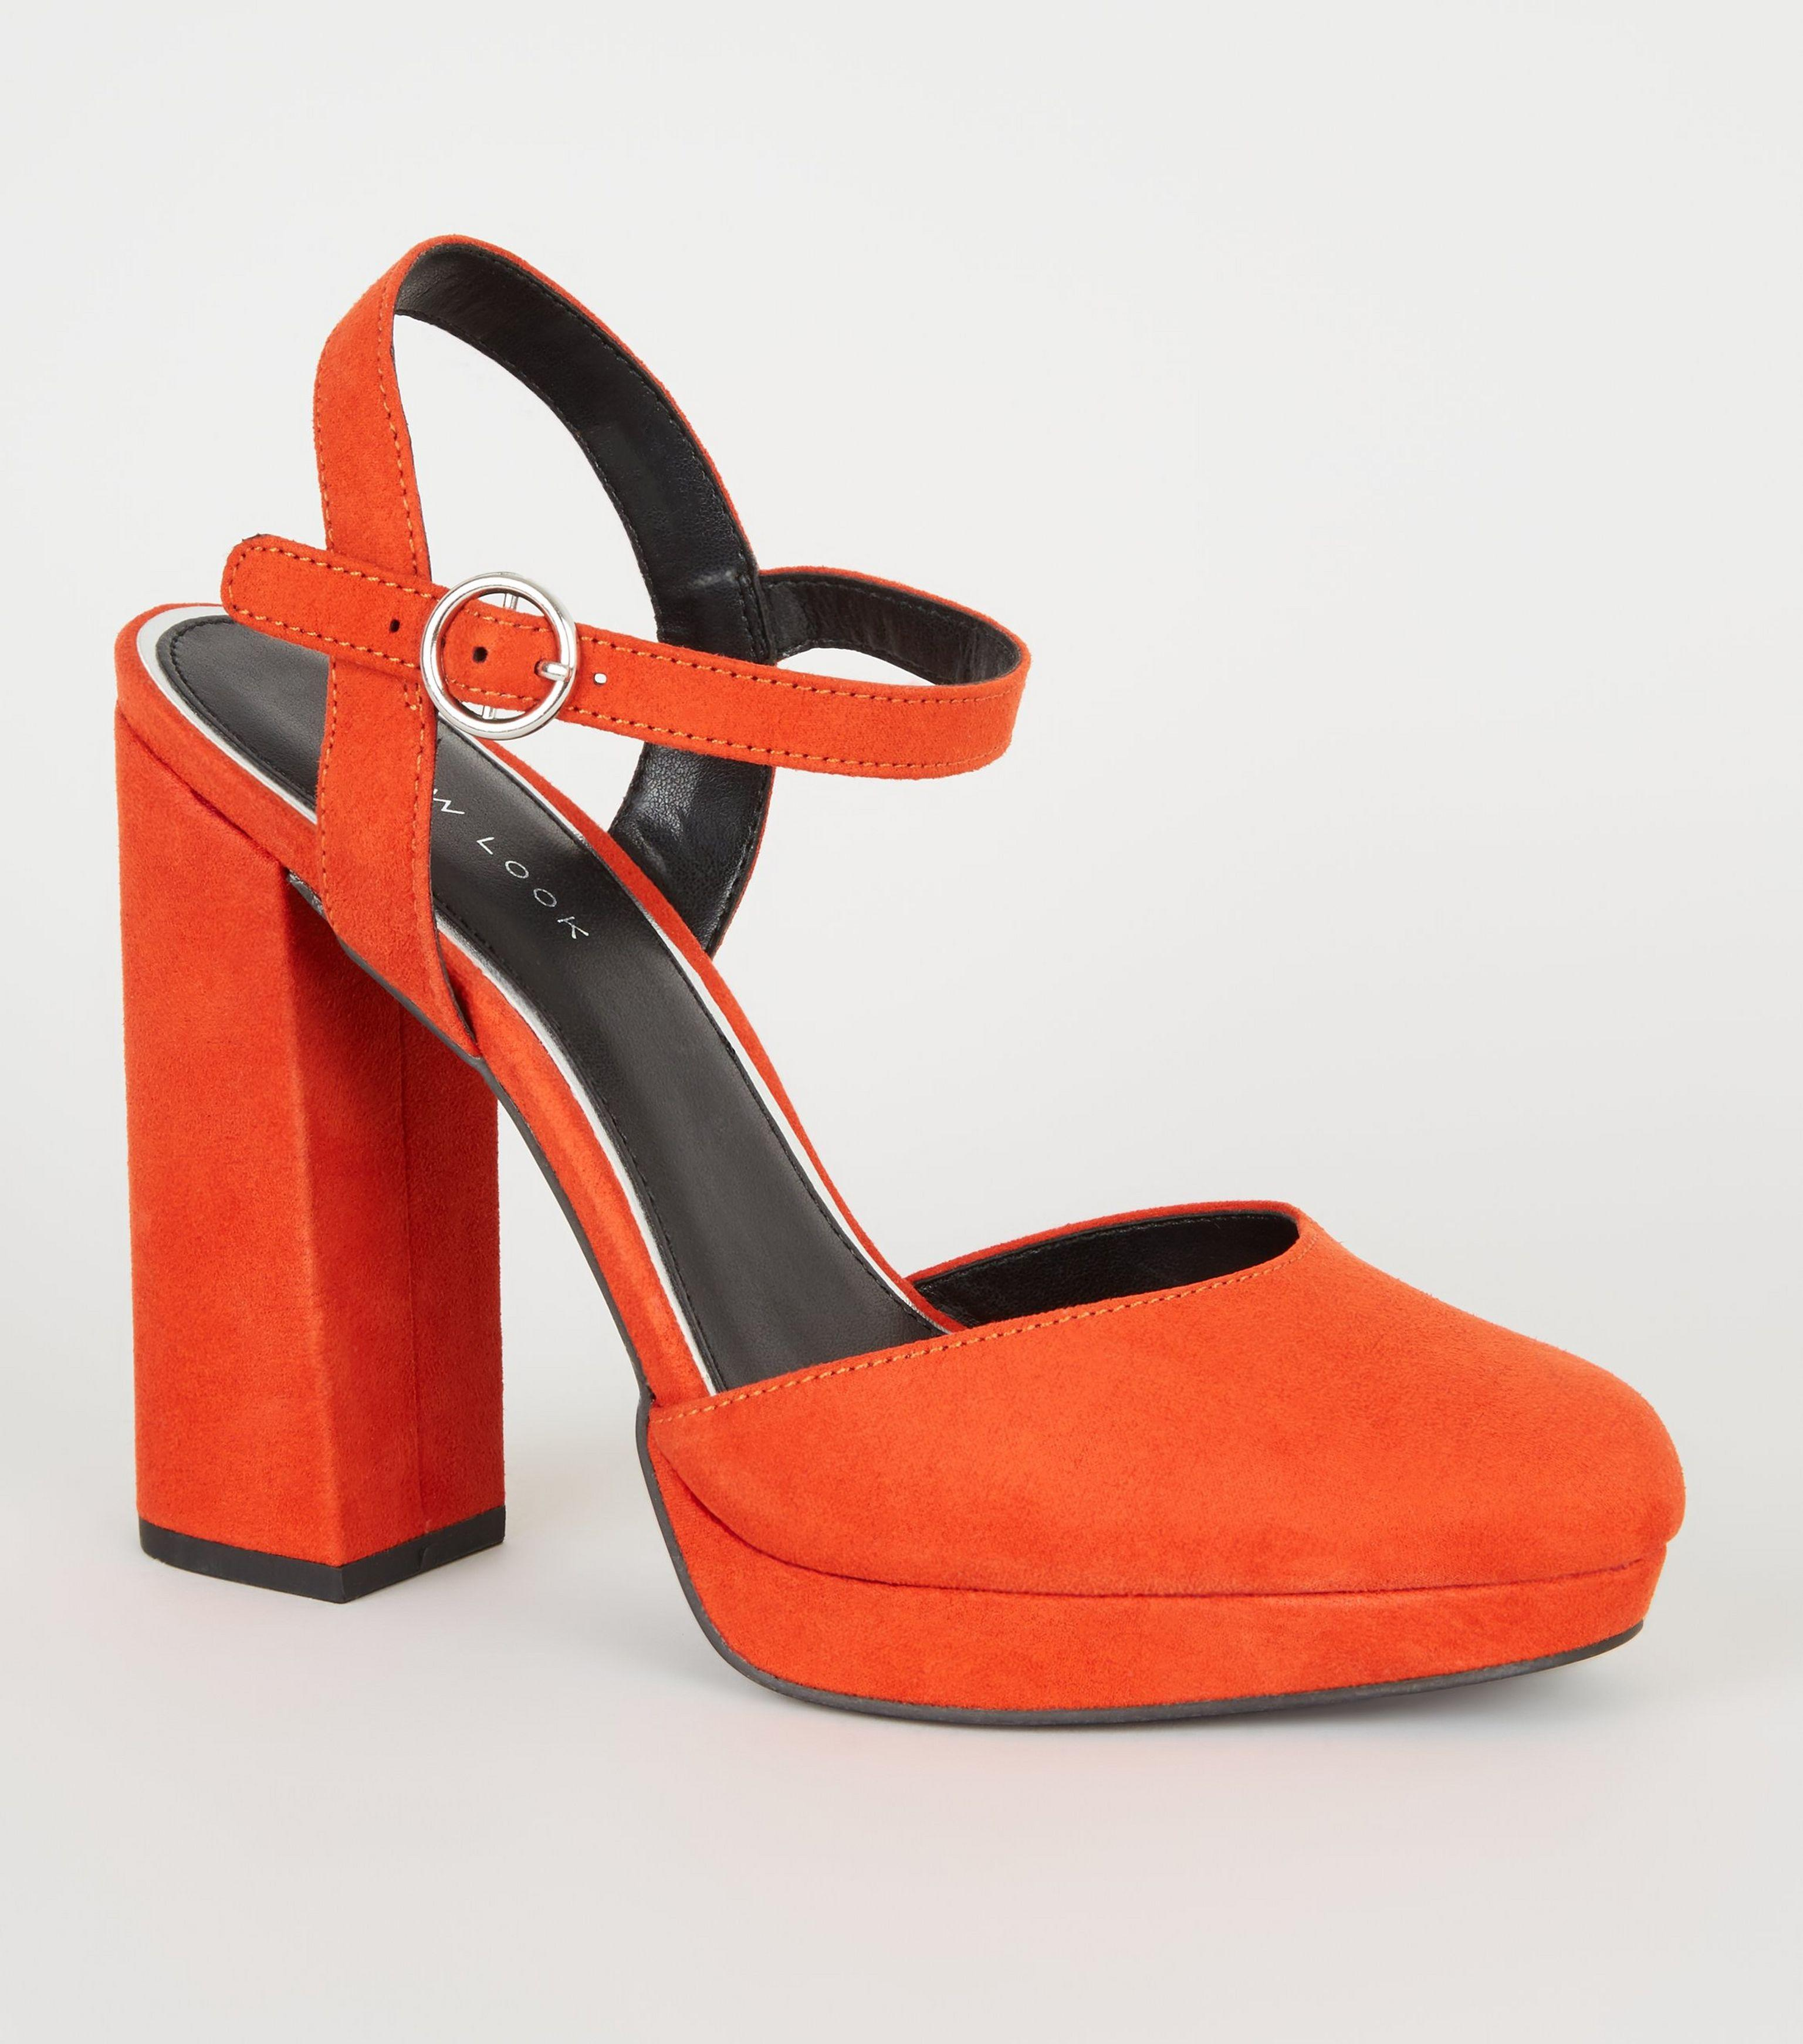 f409f5db55b New Look Orange Suedette Two Part Platform Courts in Orange - Lyst